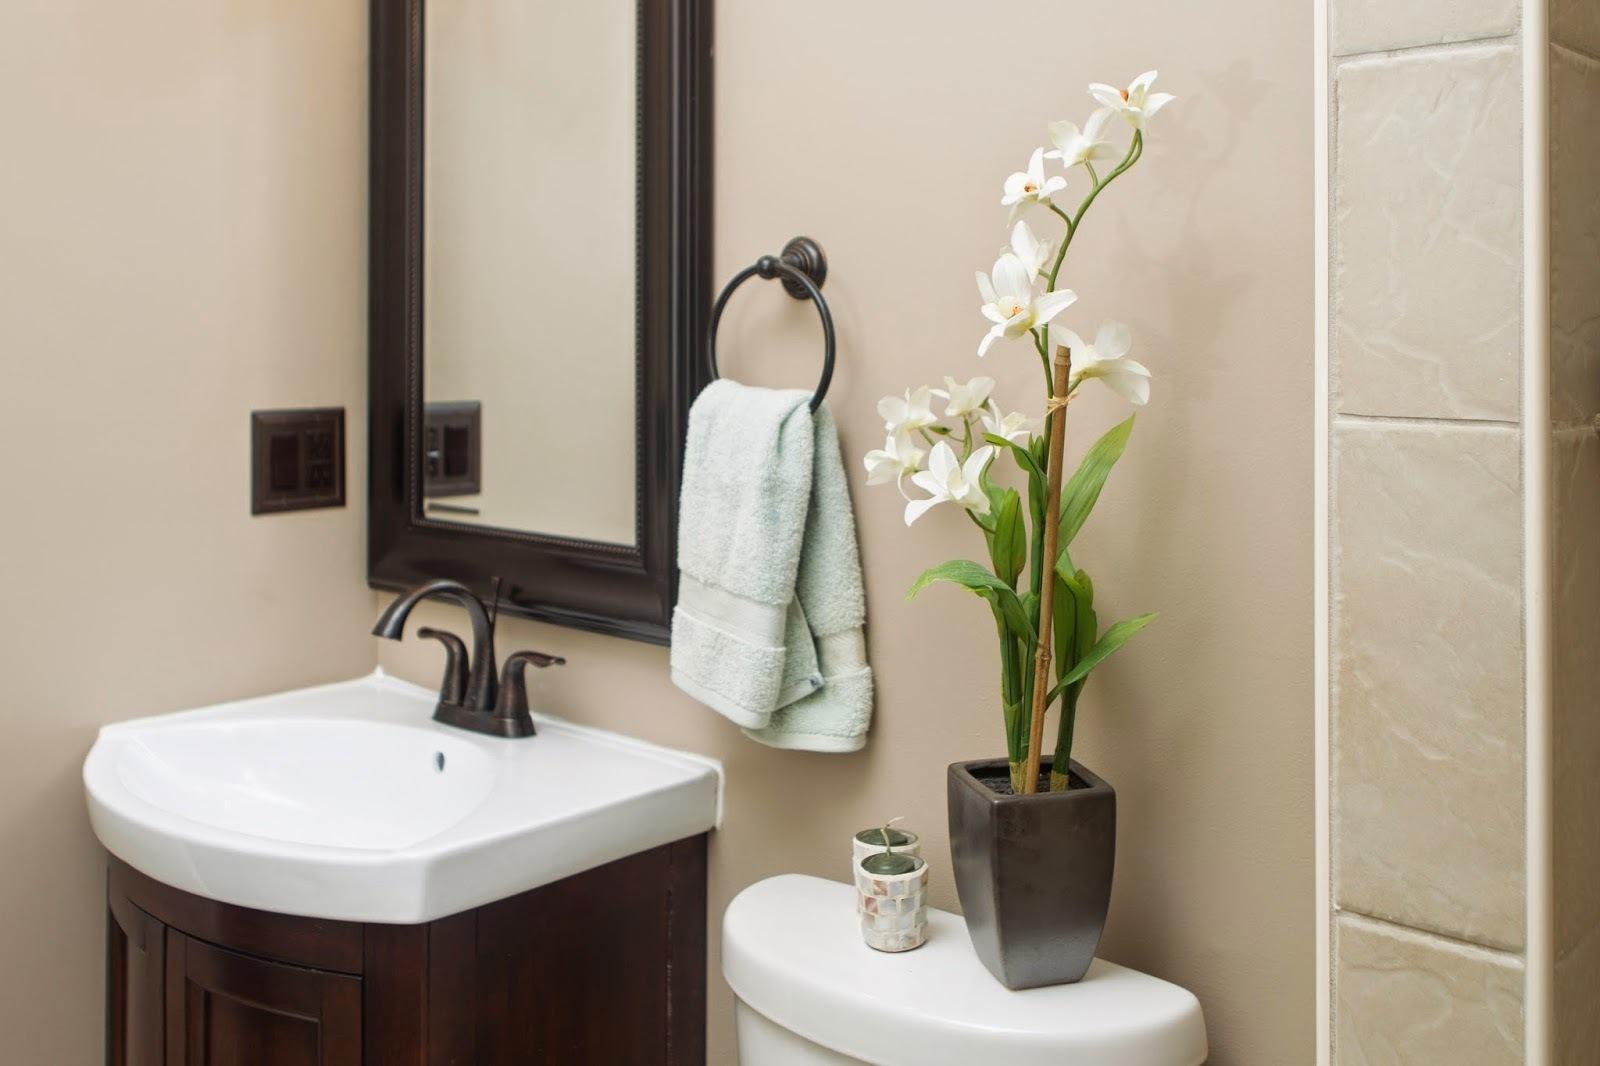 Spa bathroom accessory ideas | Hawk Haven